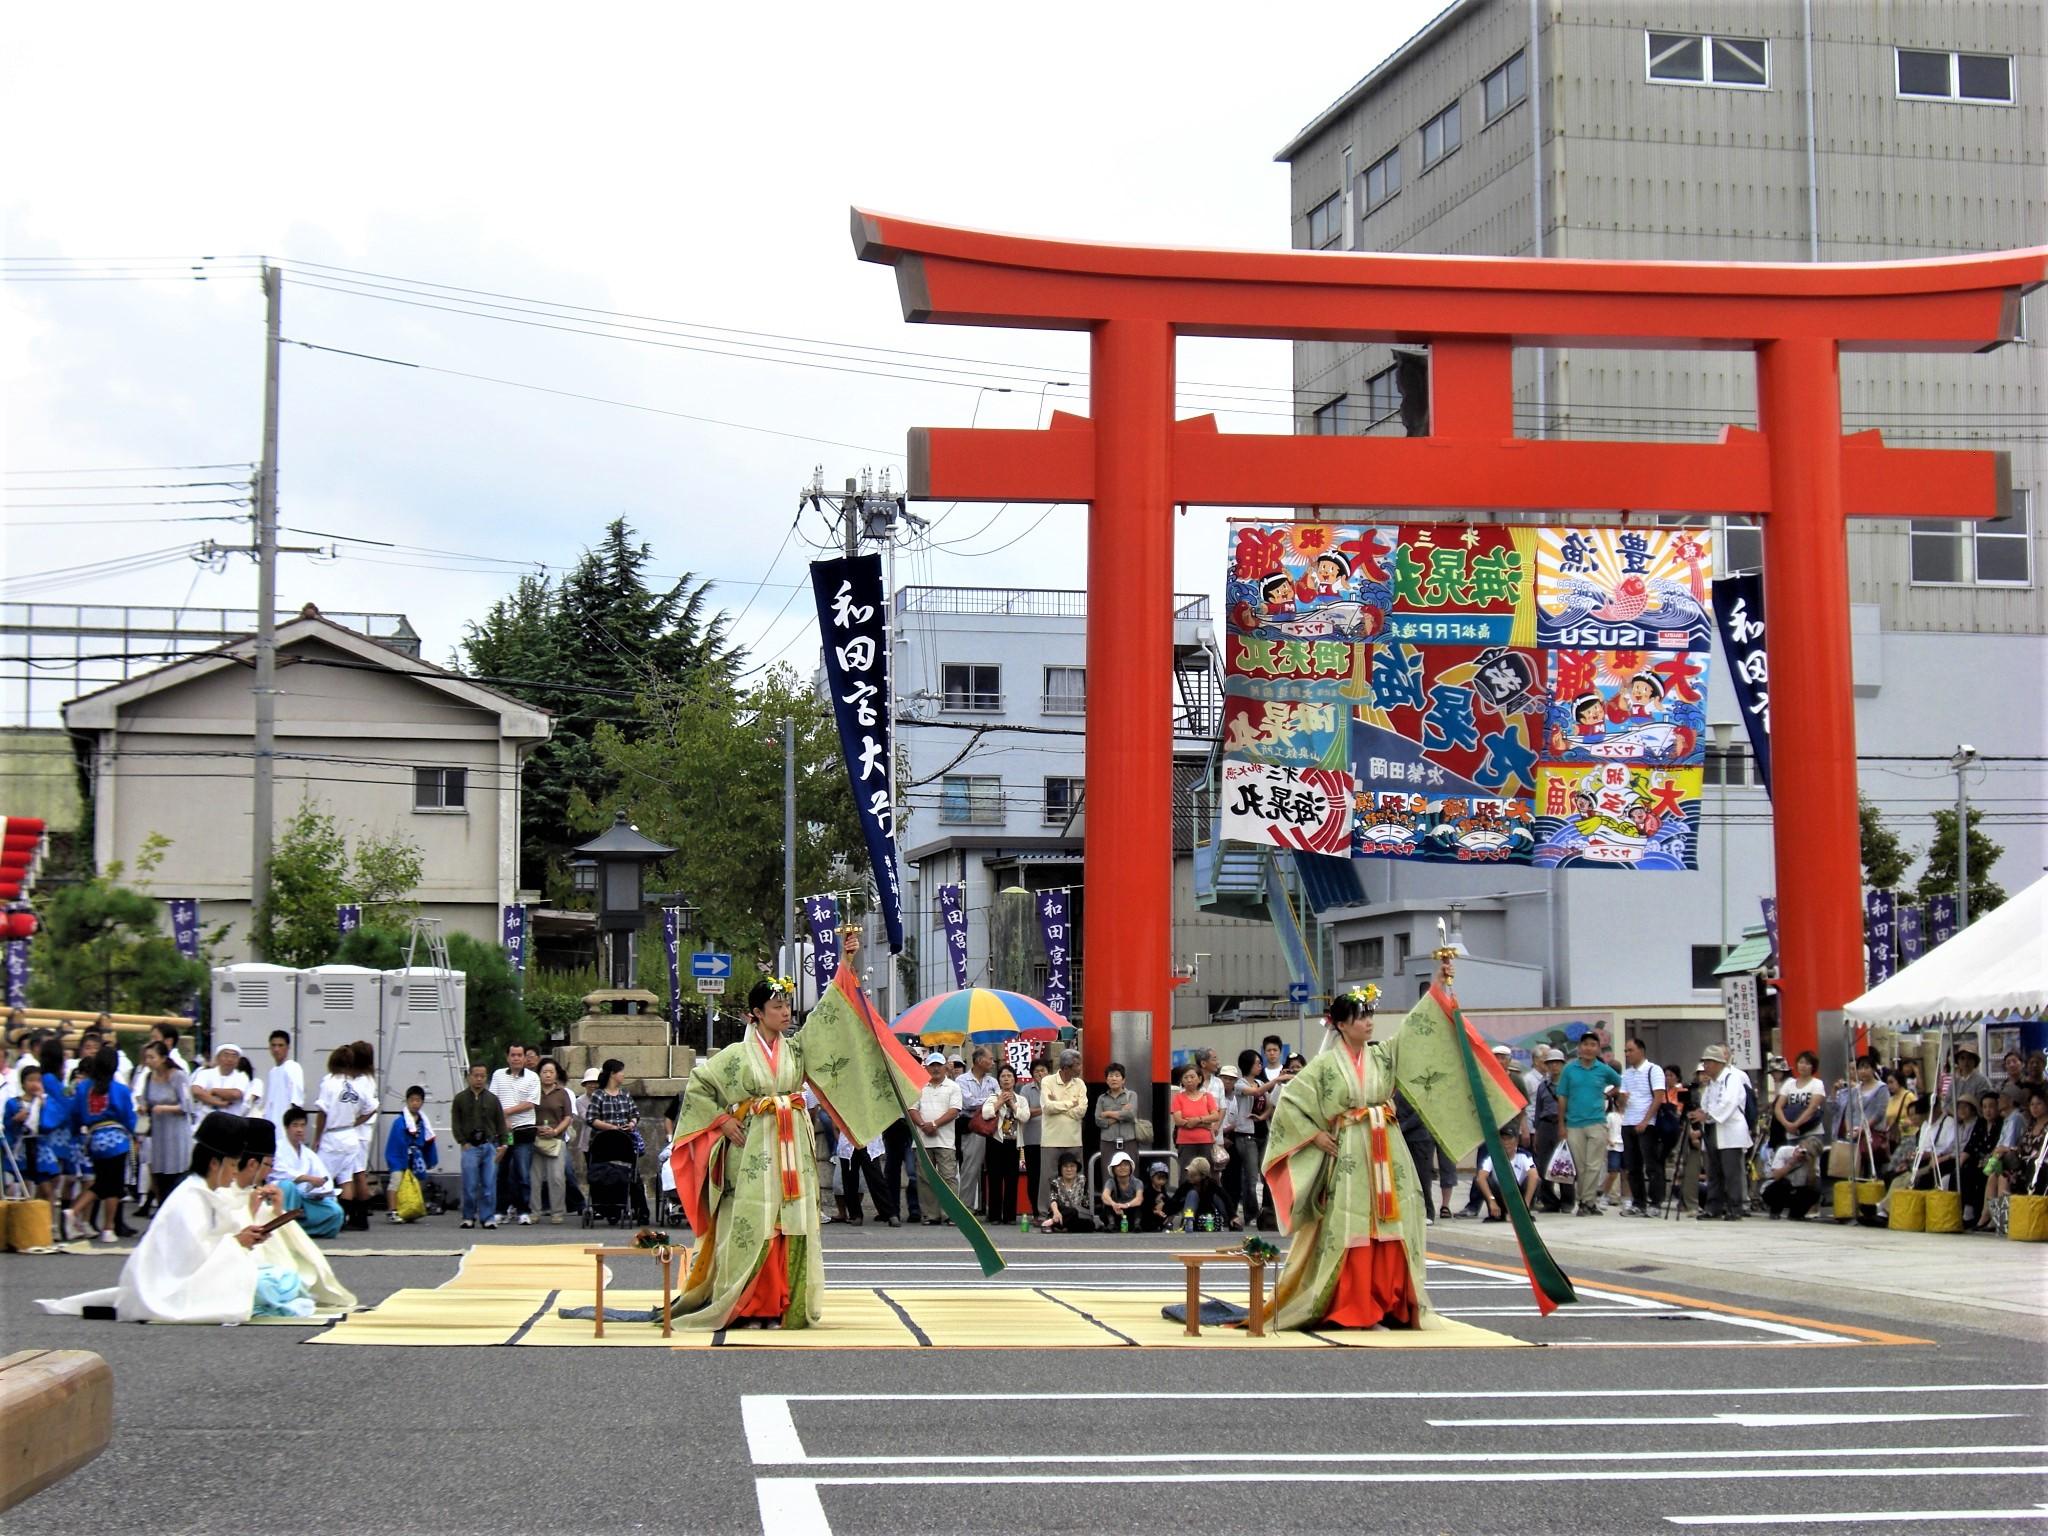 和田神社 御旅所祭り